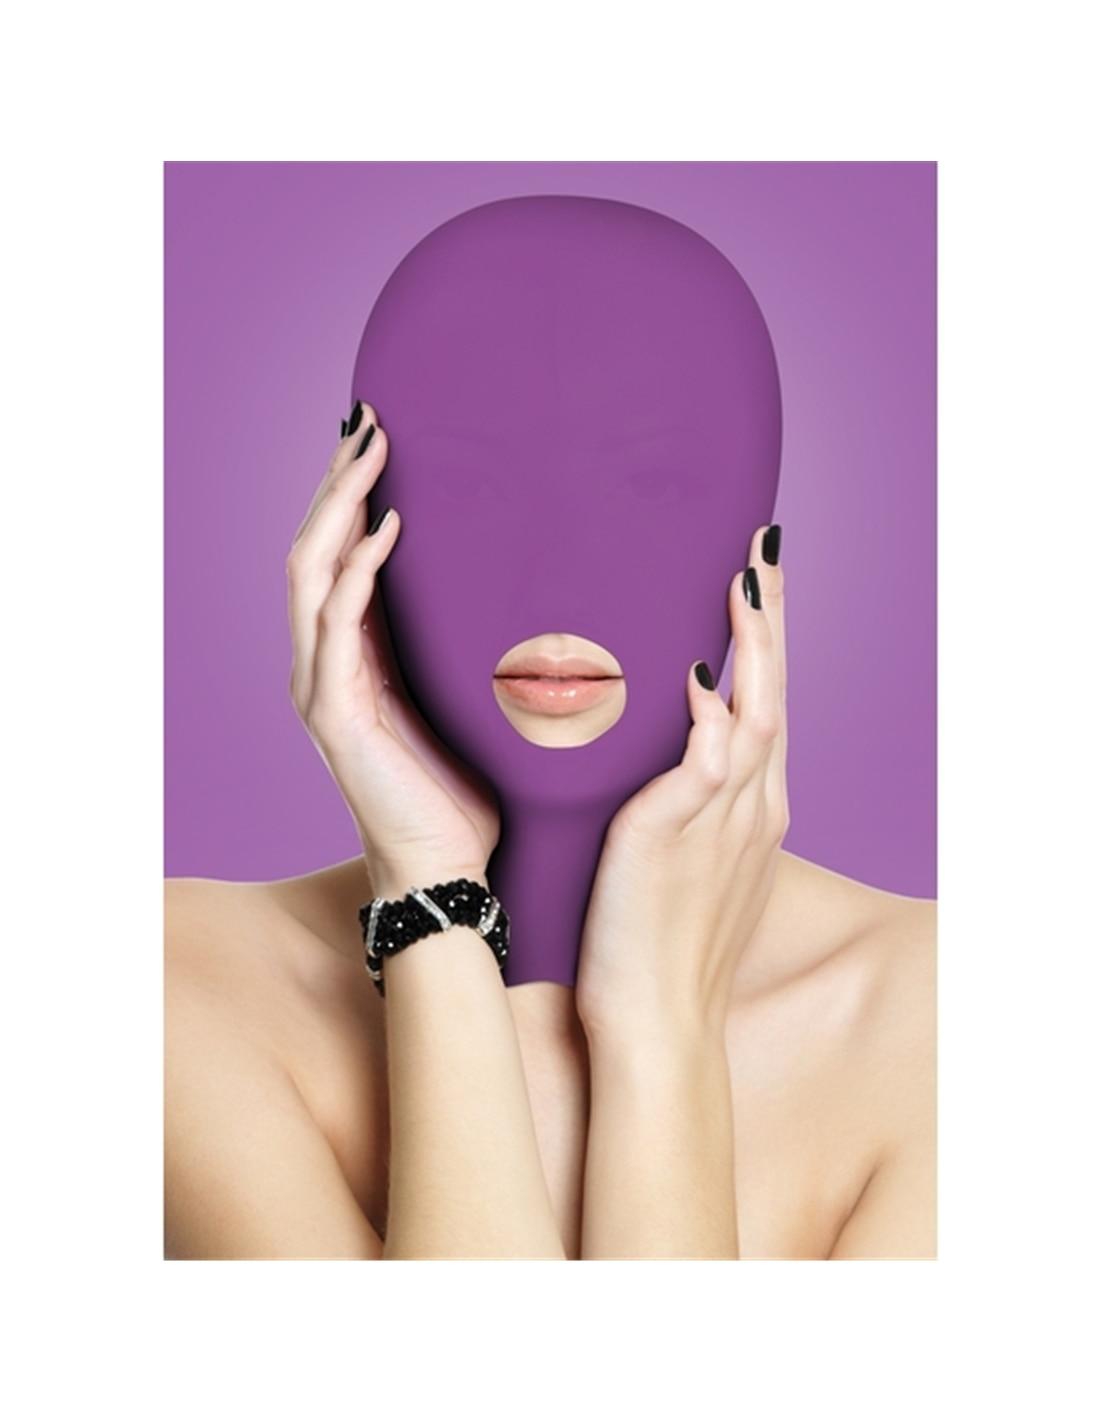 Máscara Submission Mask Roxa - Roxo - PR2010320100